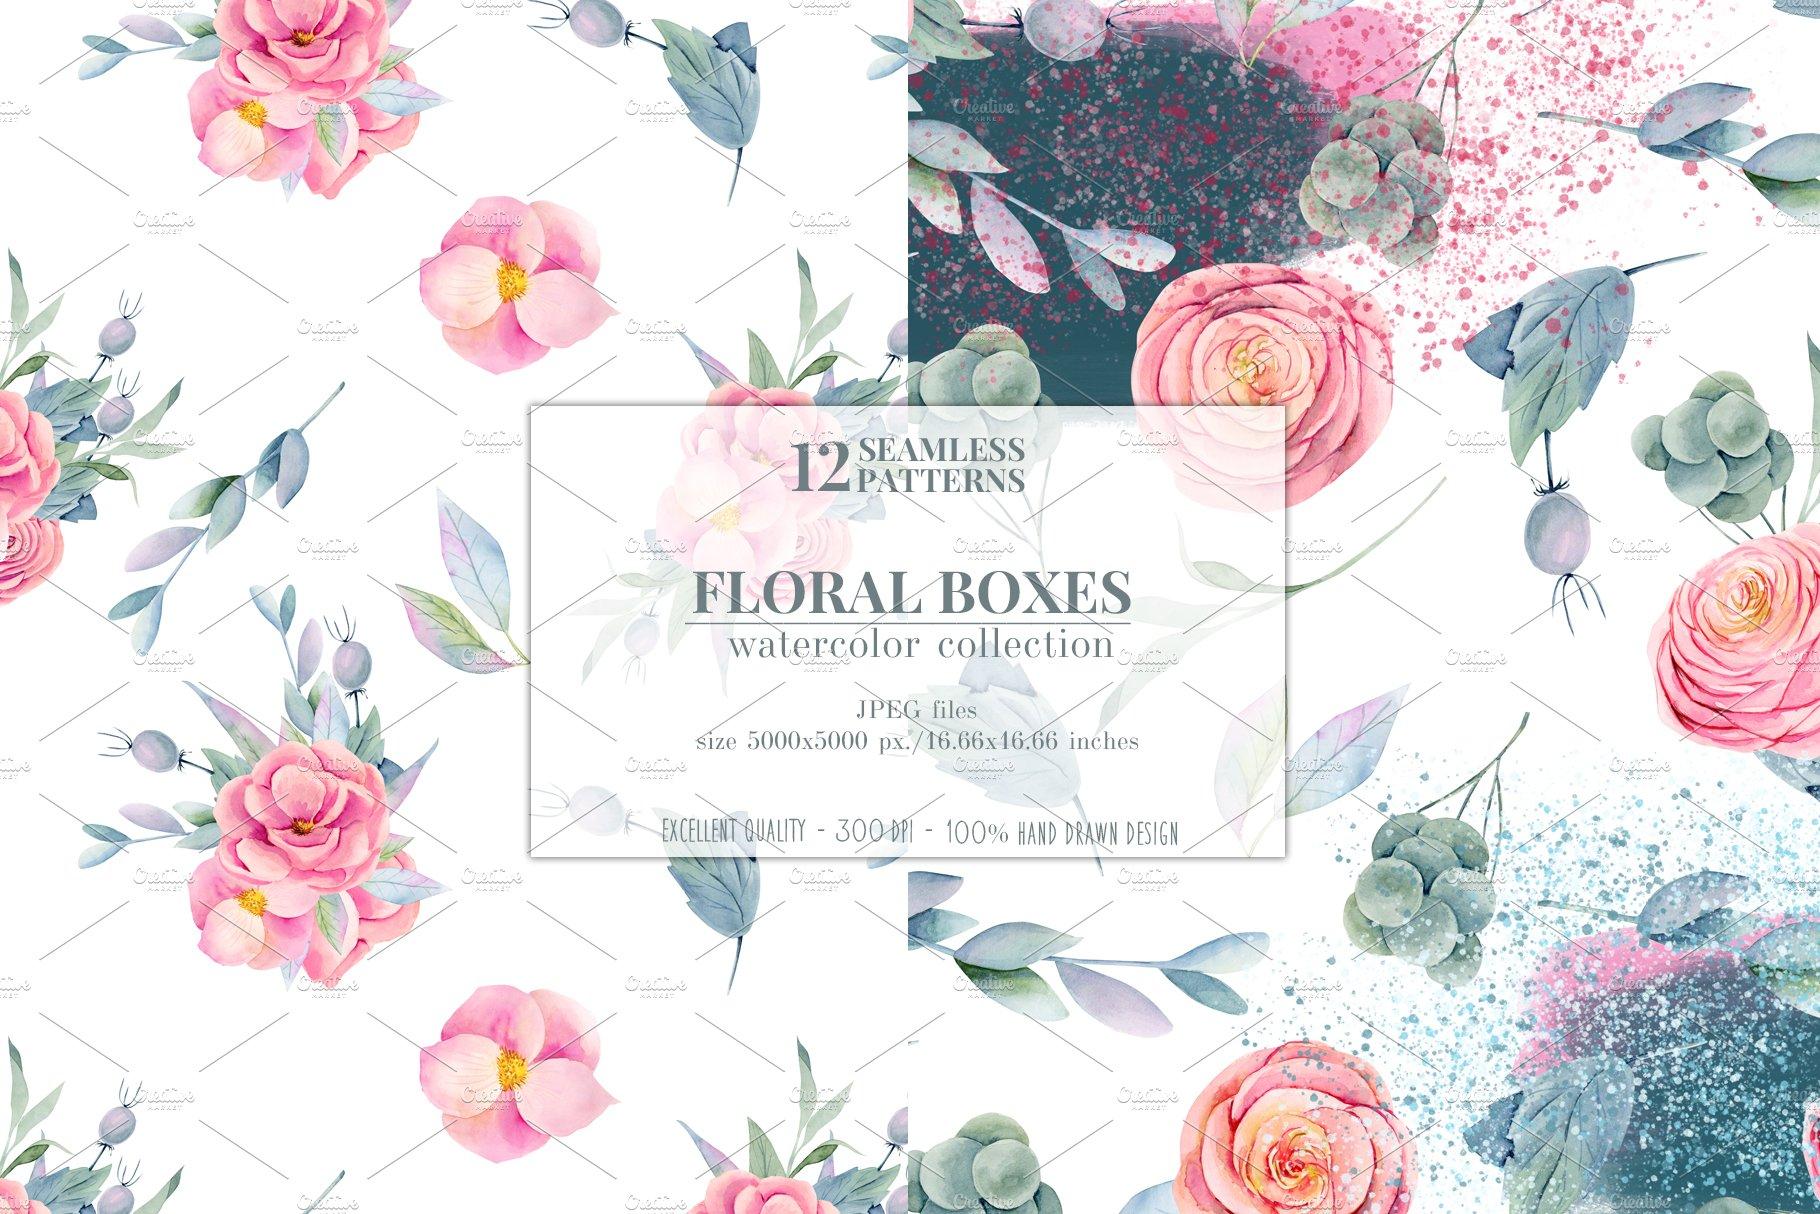 12款无缝隙花卉手绘水彩画图片设计素材合集 Floral Boxes. Seamless Patterns Set插图4